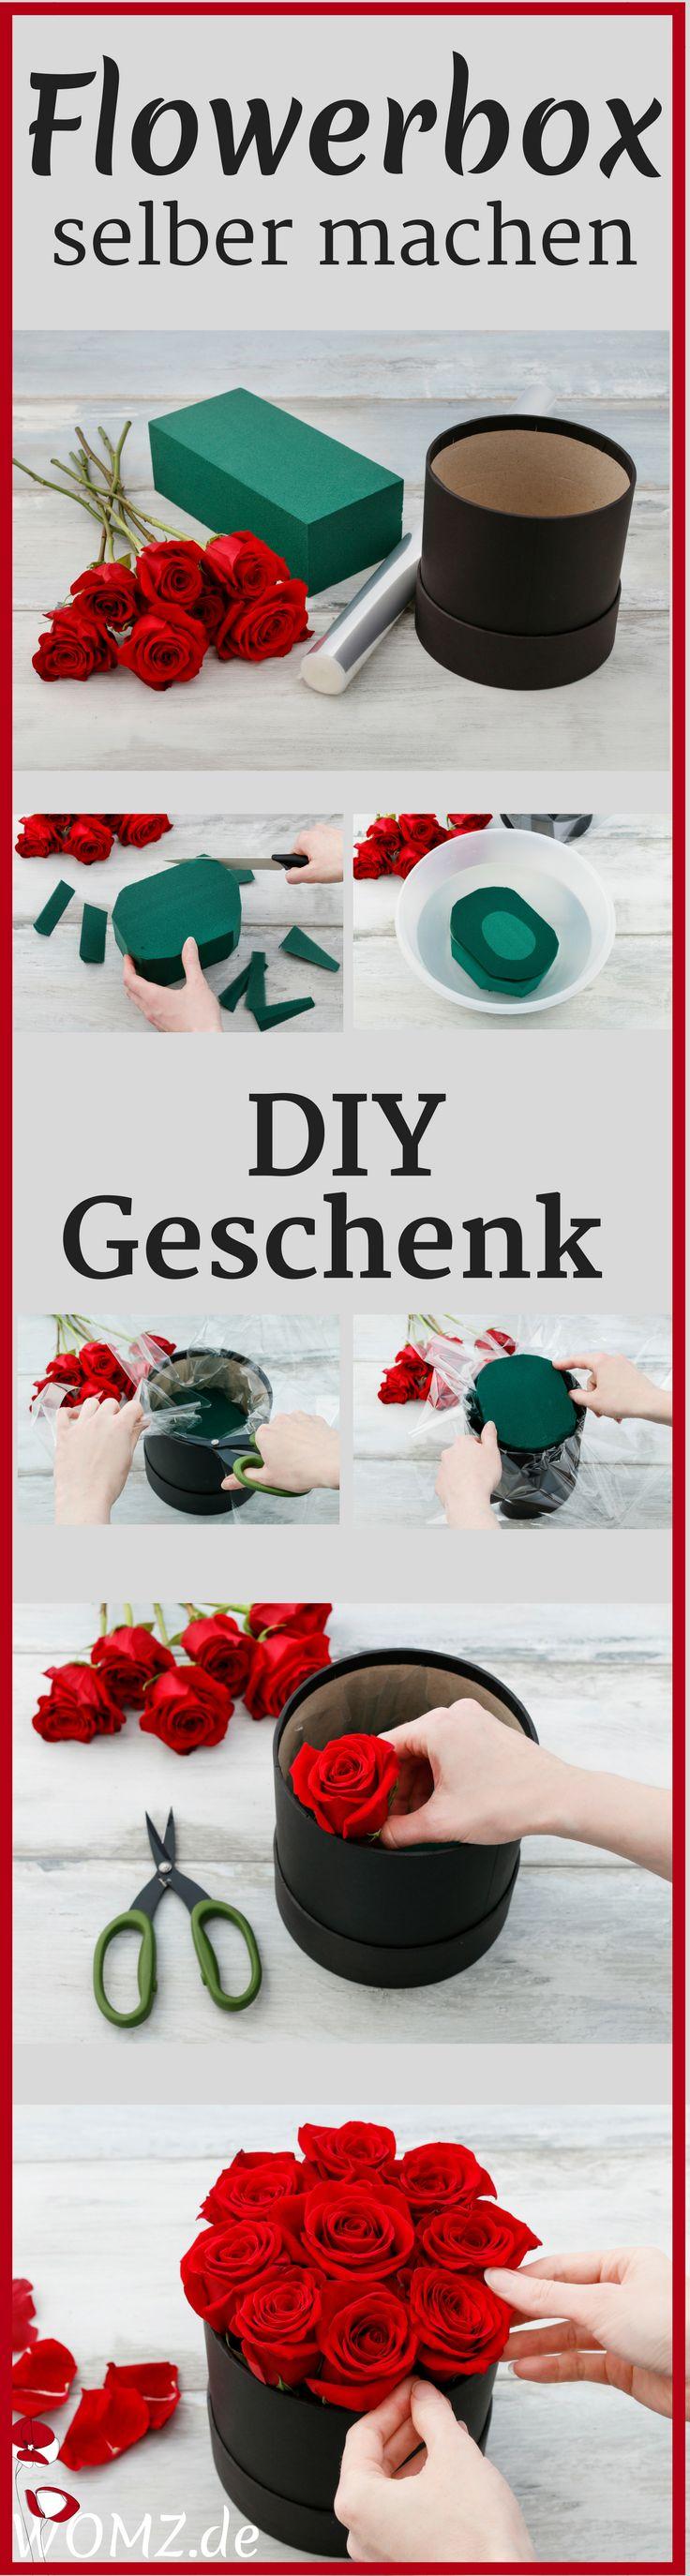 Dieses DIY Geschenk ist wirklich einmalig schön Eine Flowerbox selber machen geht ganz einfach und